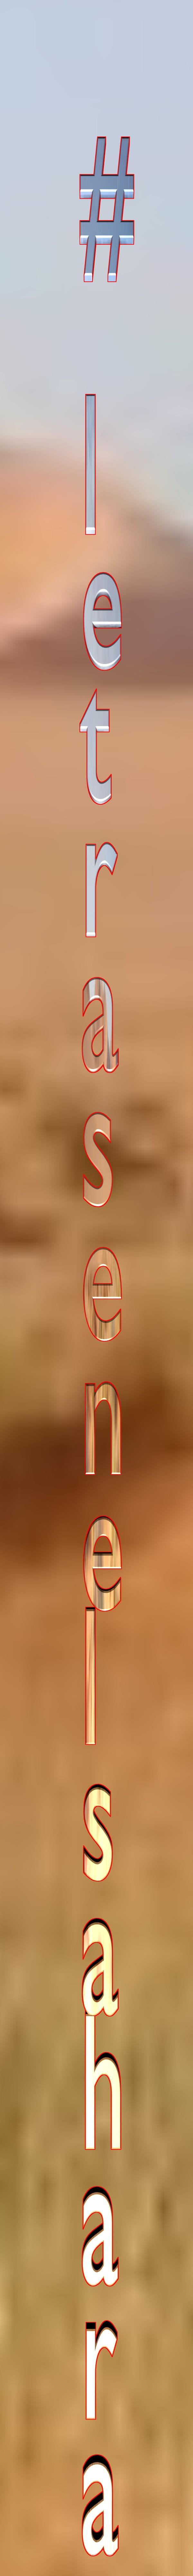 logotipo #letrasenelsahara